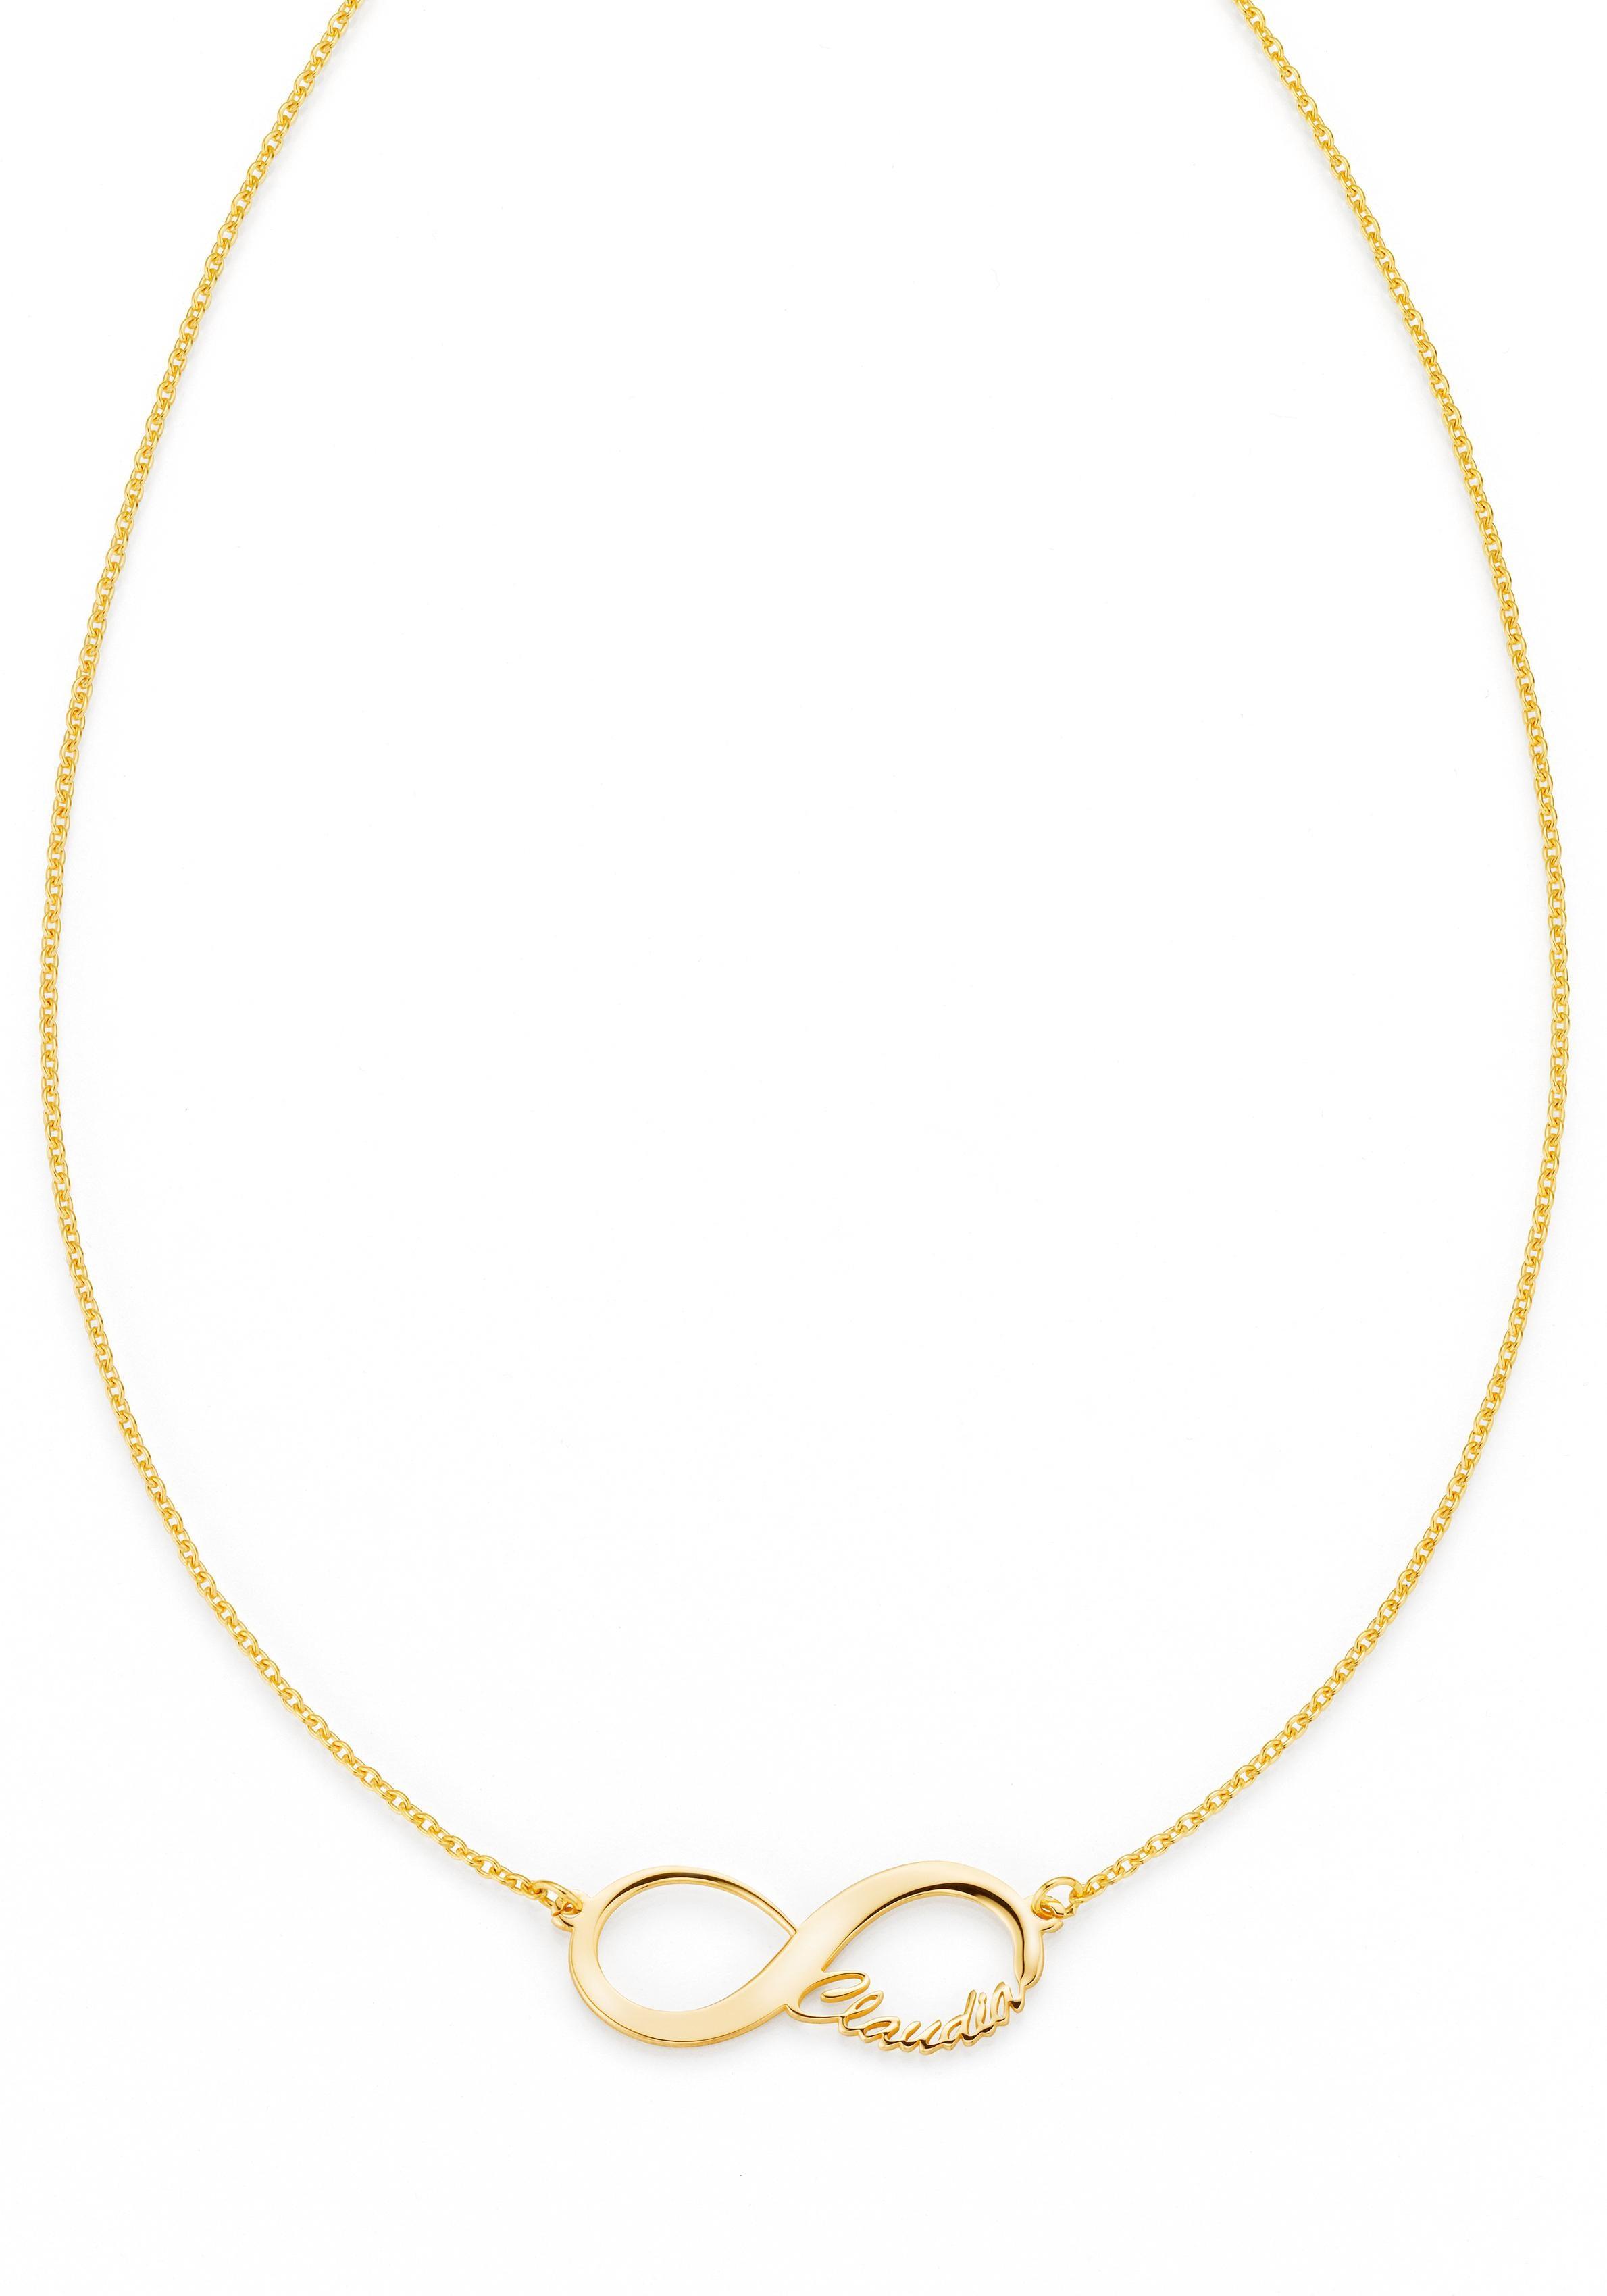 Firetti Namenskette »Infinity Unendlichkeitsschleife - individuell mit Namen gestalten« | Schmuck > Halsketten > Namensketten | FIRETTI